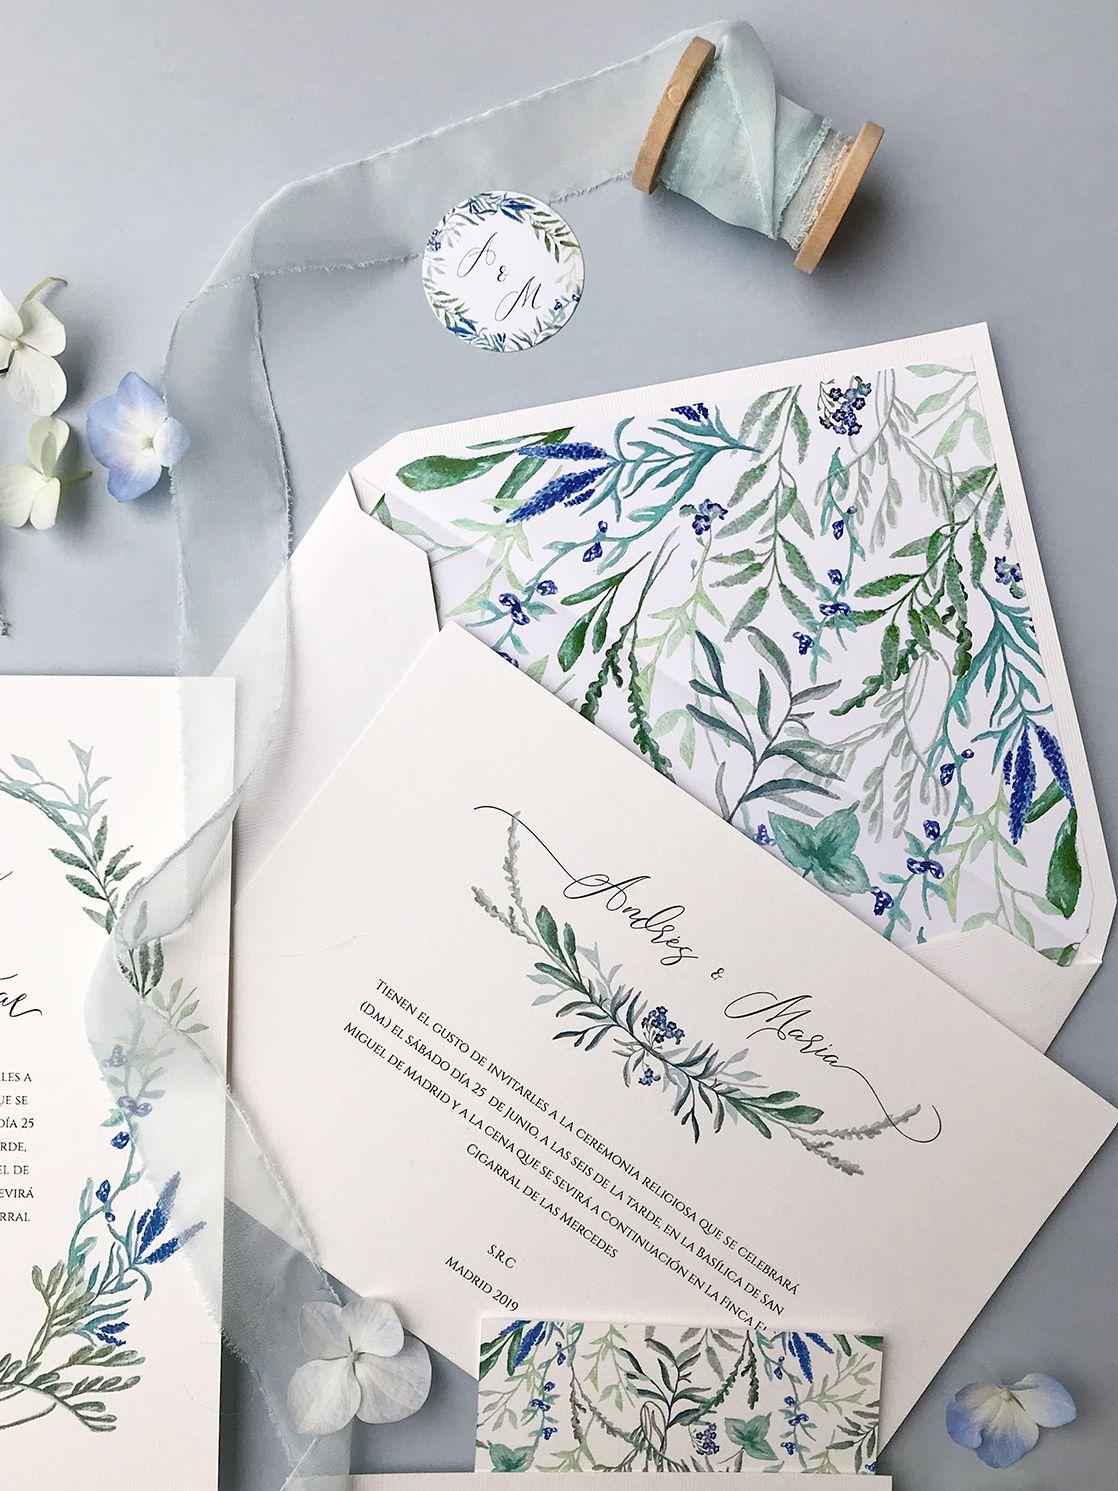 Invitaciones de boda exclusivas en acuarela Marmarina